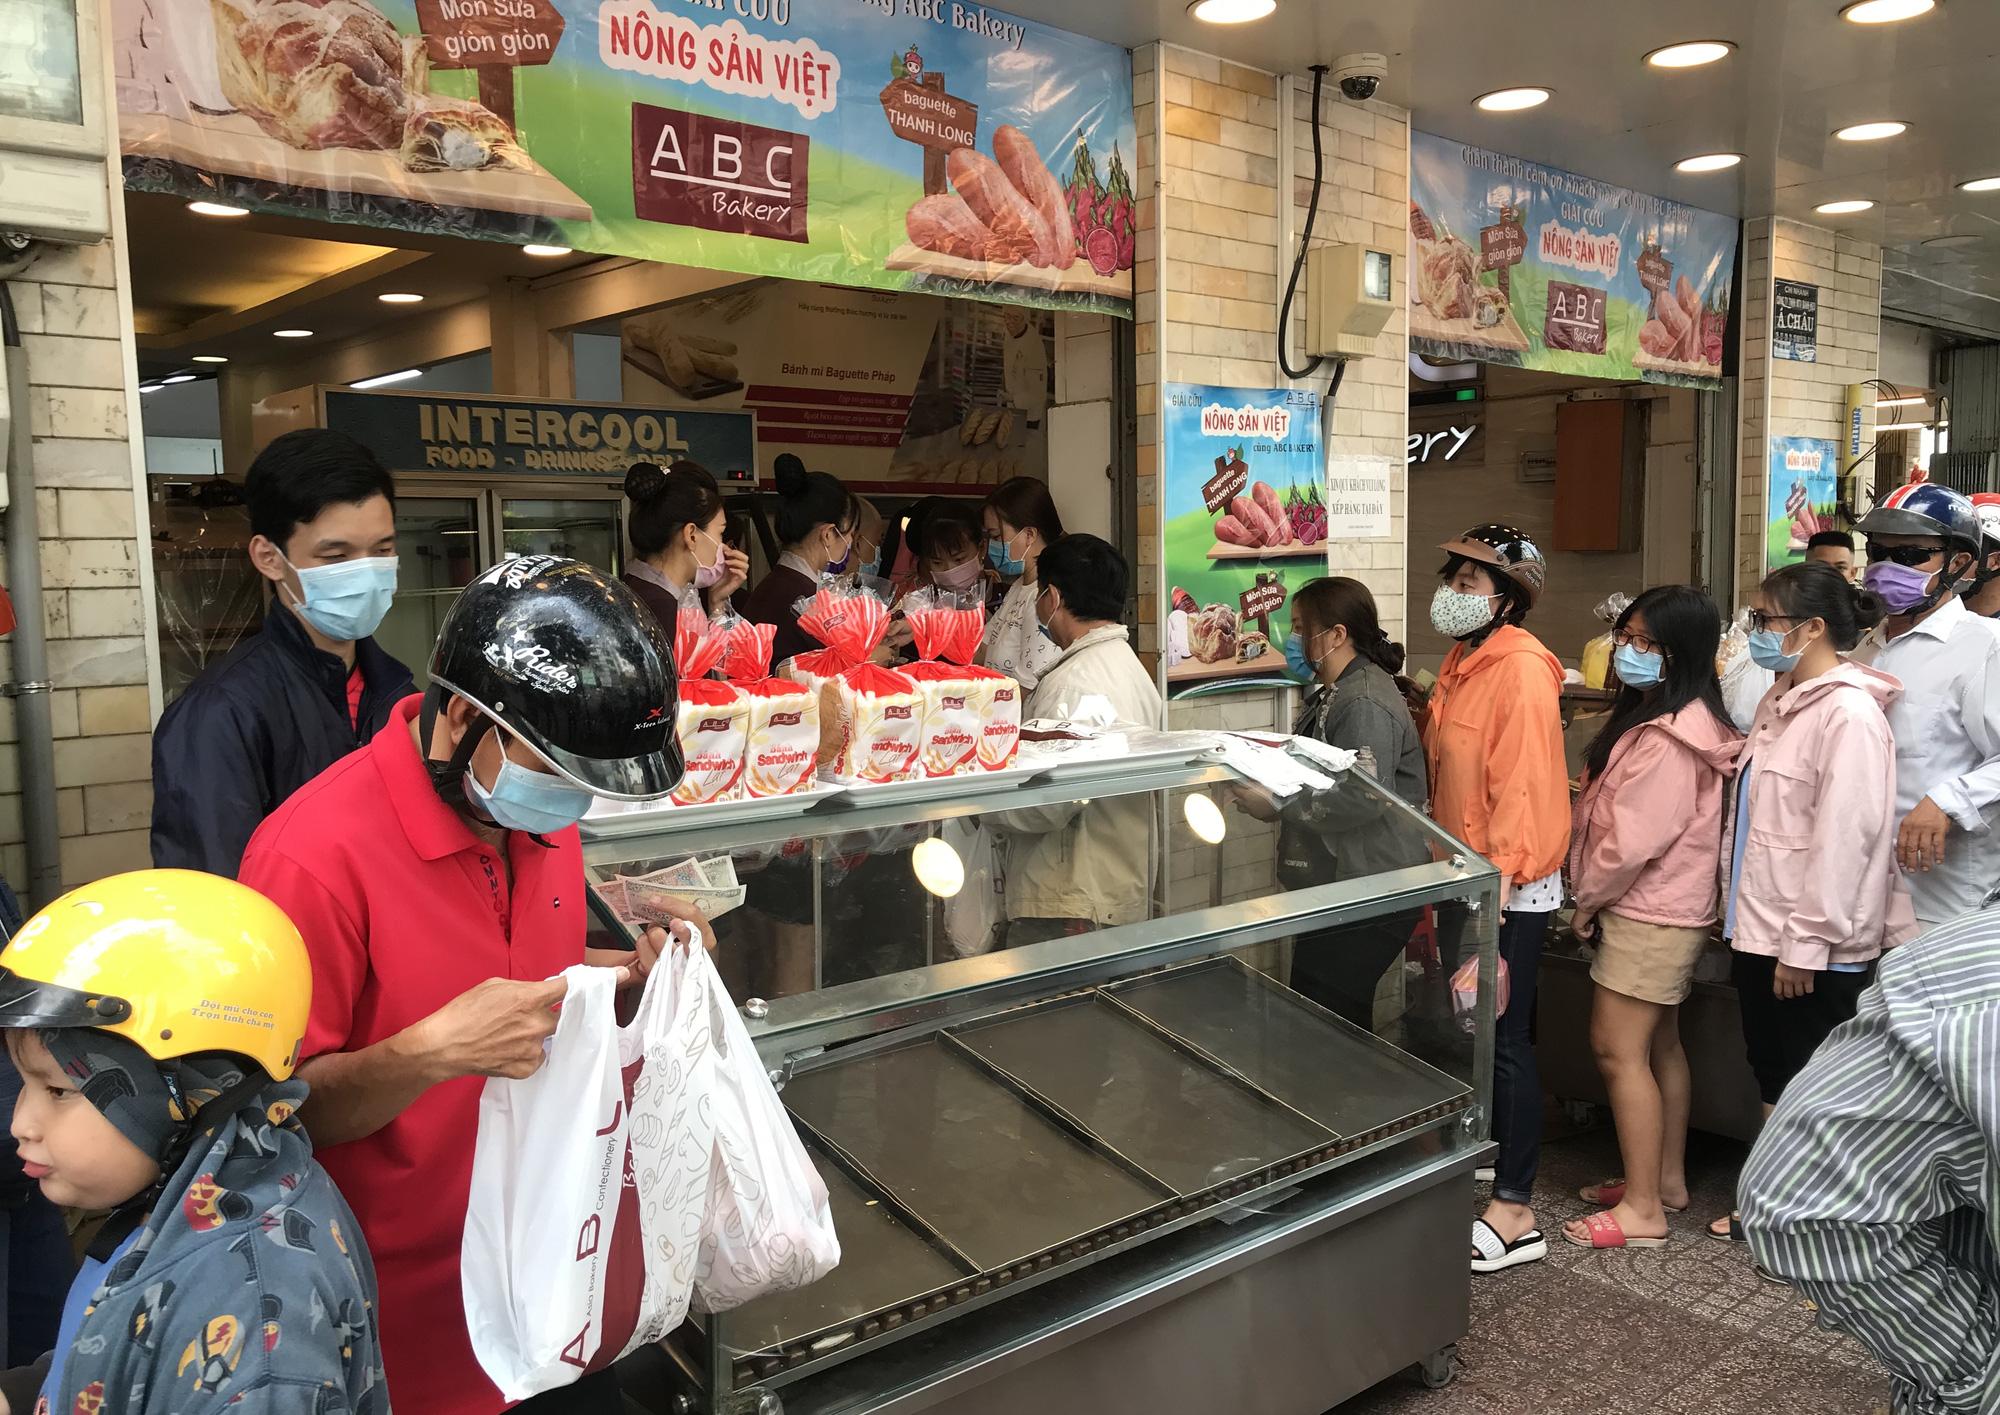 Người Sài Gòn rồng rắn xếp hàng nửa tiếng mua bánh mì thanh long giải cứu nông sản Việt - Ảnh 7.